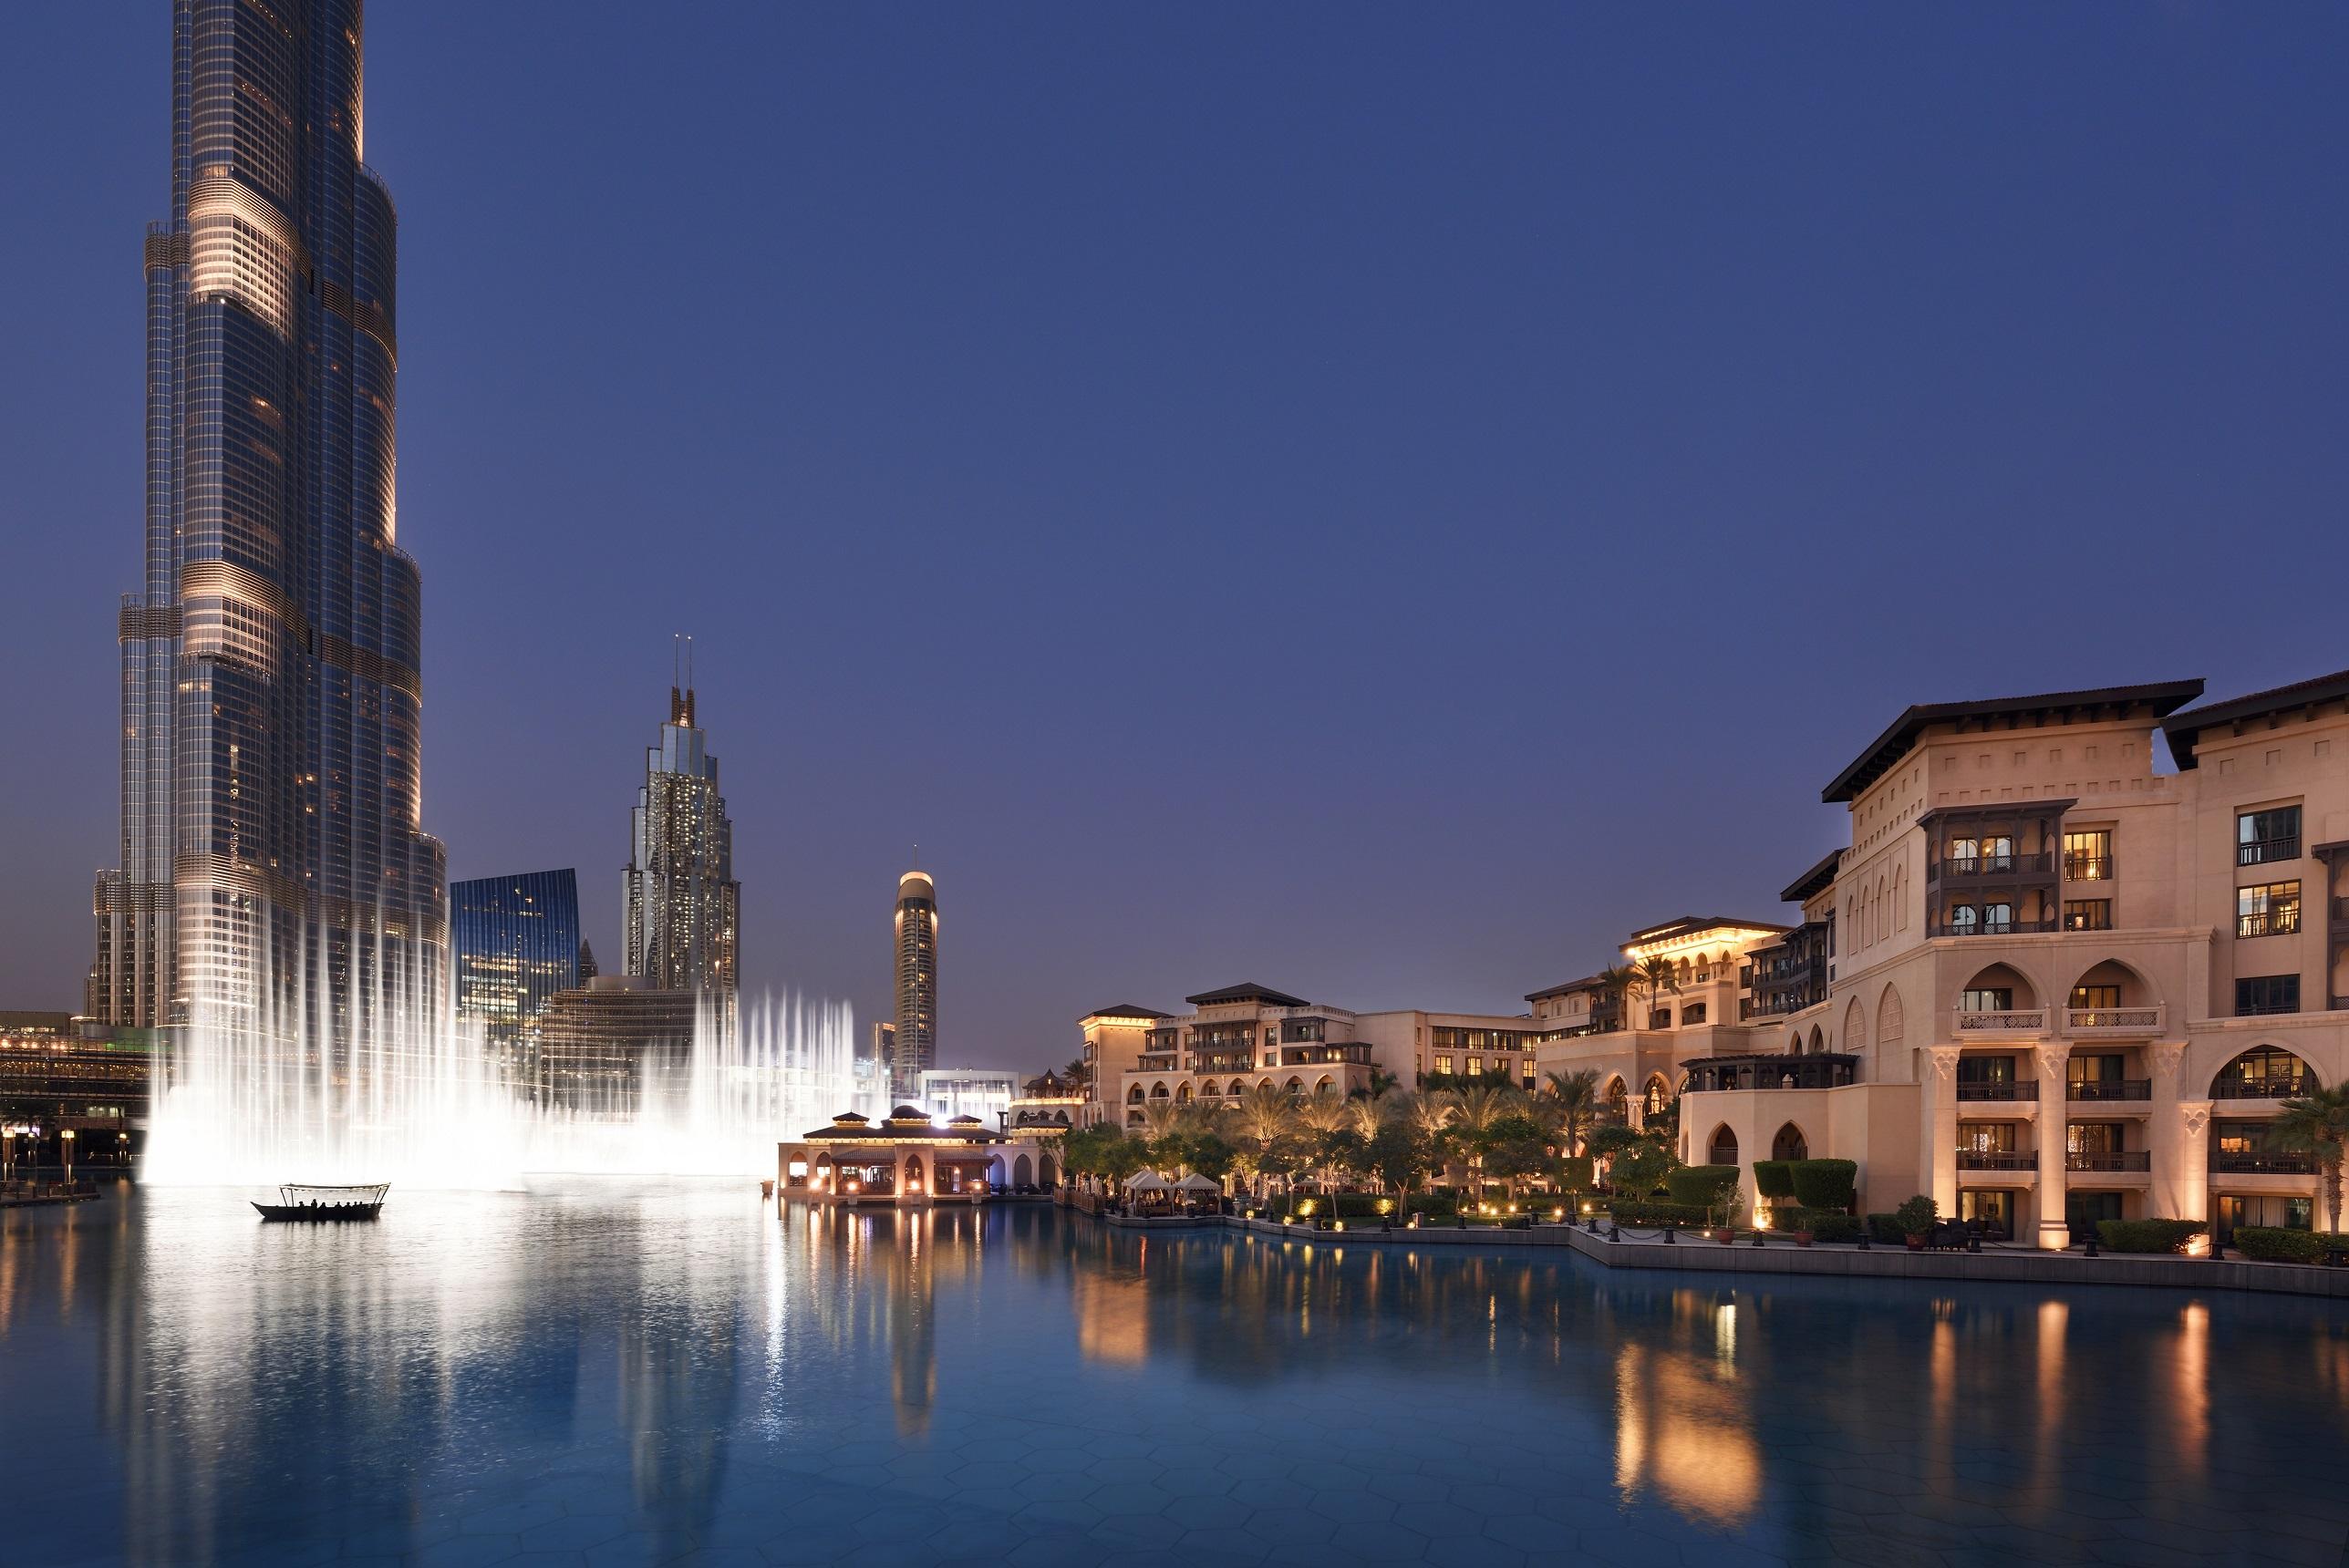 مجموعة إعمار للضيافة تقدم مفاجئة استثنائية للمقيمين في الإمارات